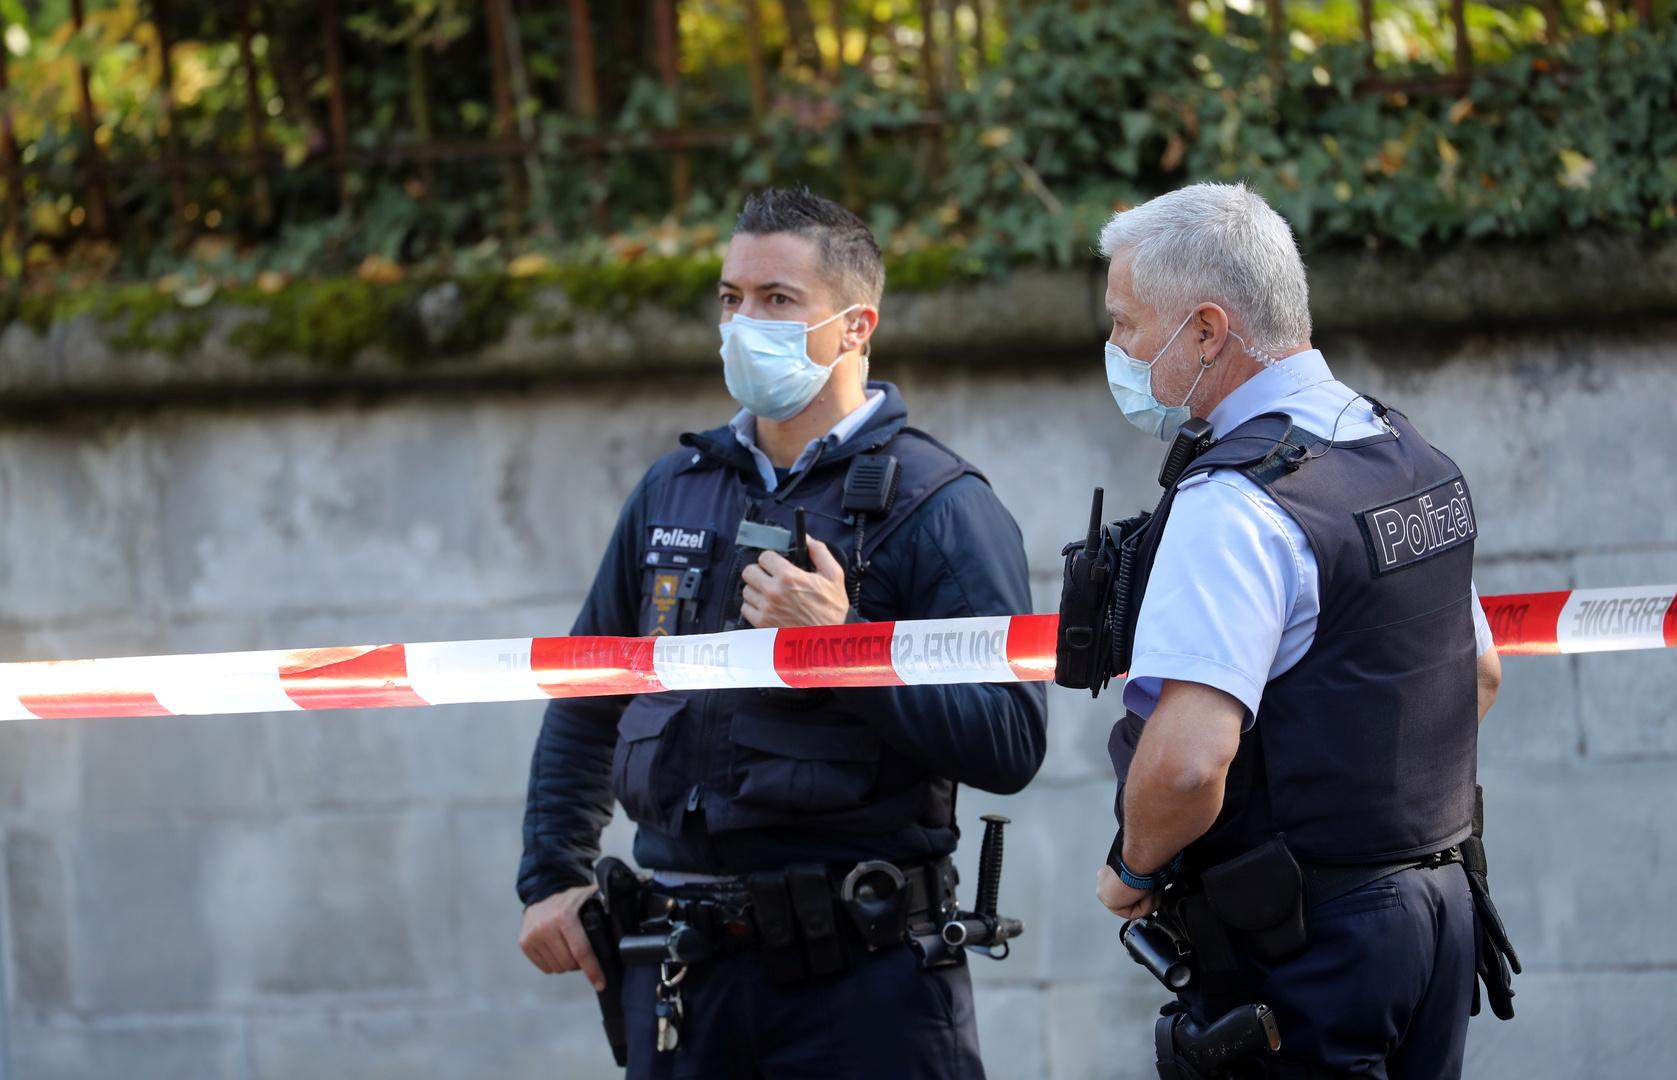 شرطة سويسرا تستخدم الرصاص المطاط ضد المحتجين على القيود المفروضة بسبب كورونا